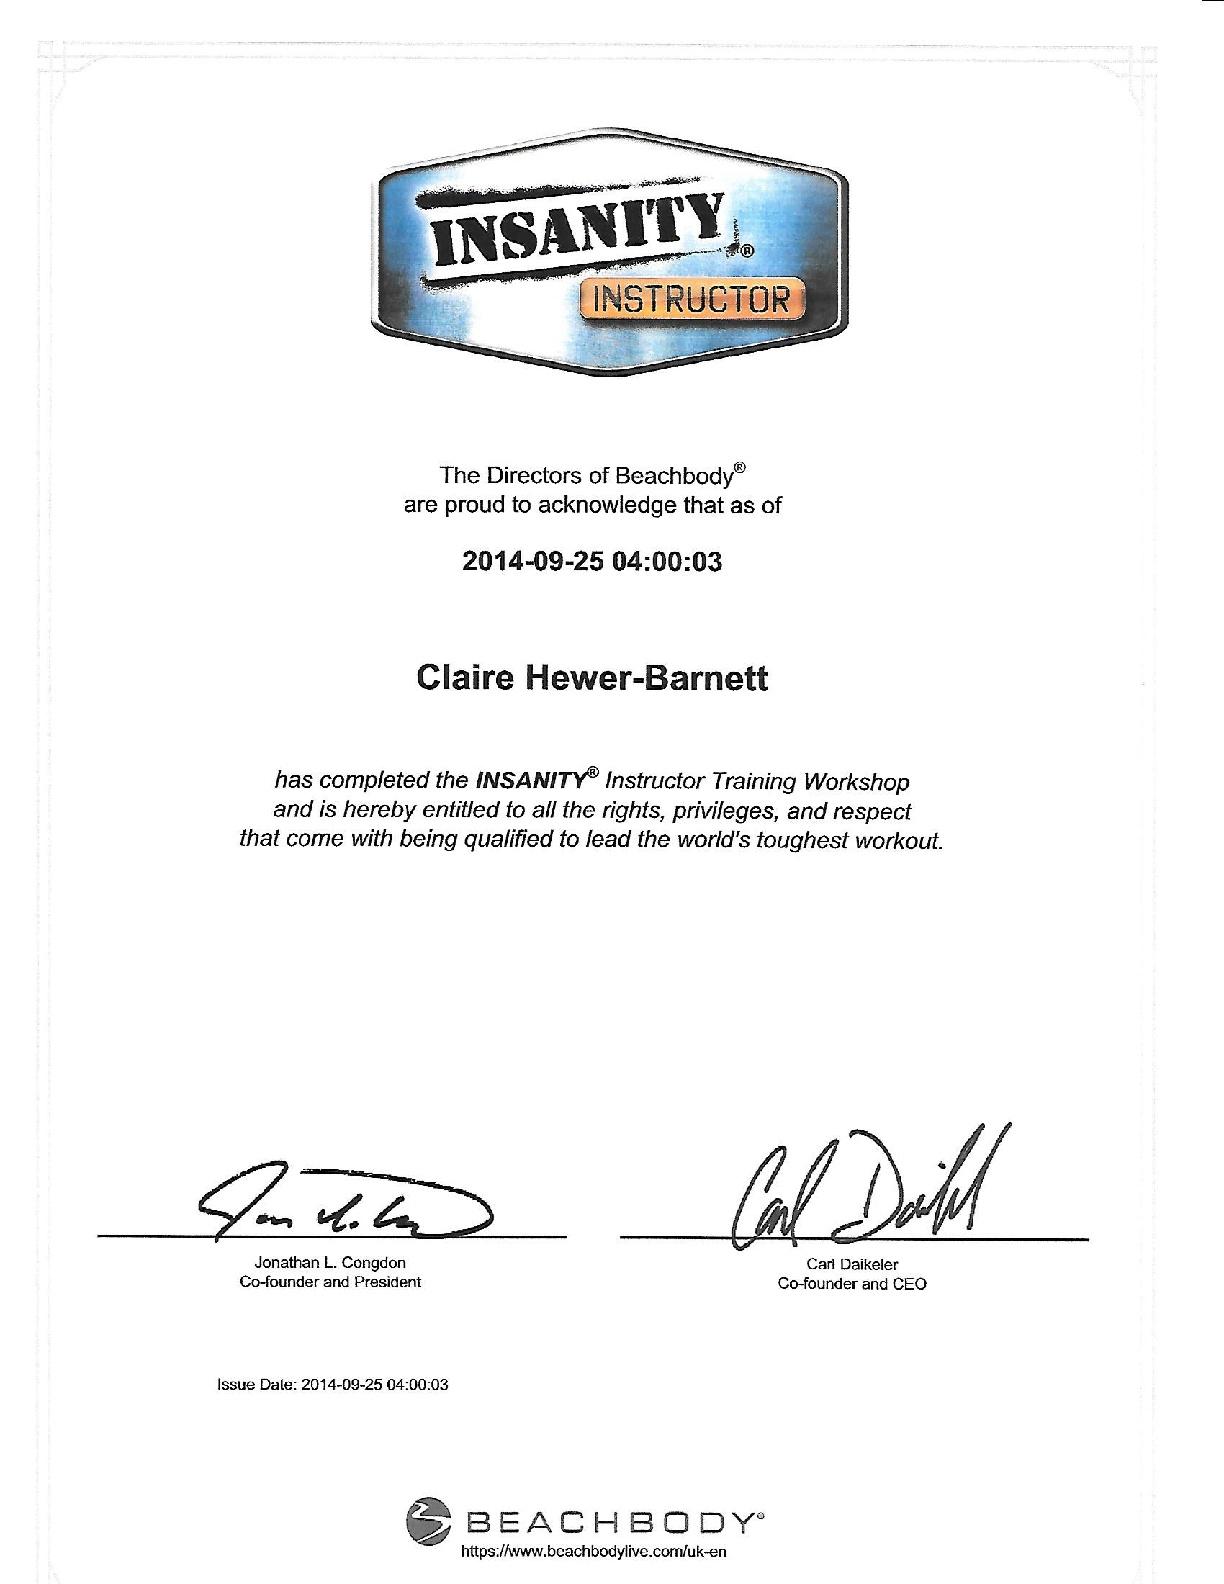 Insanity-cert-001